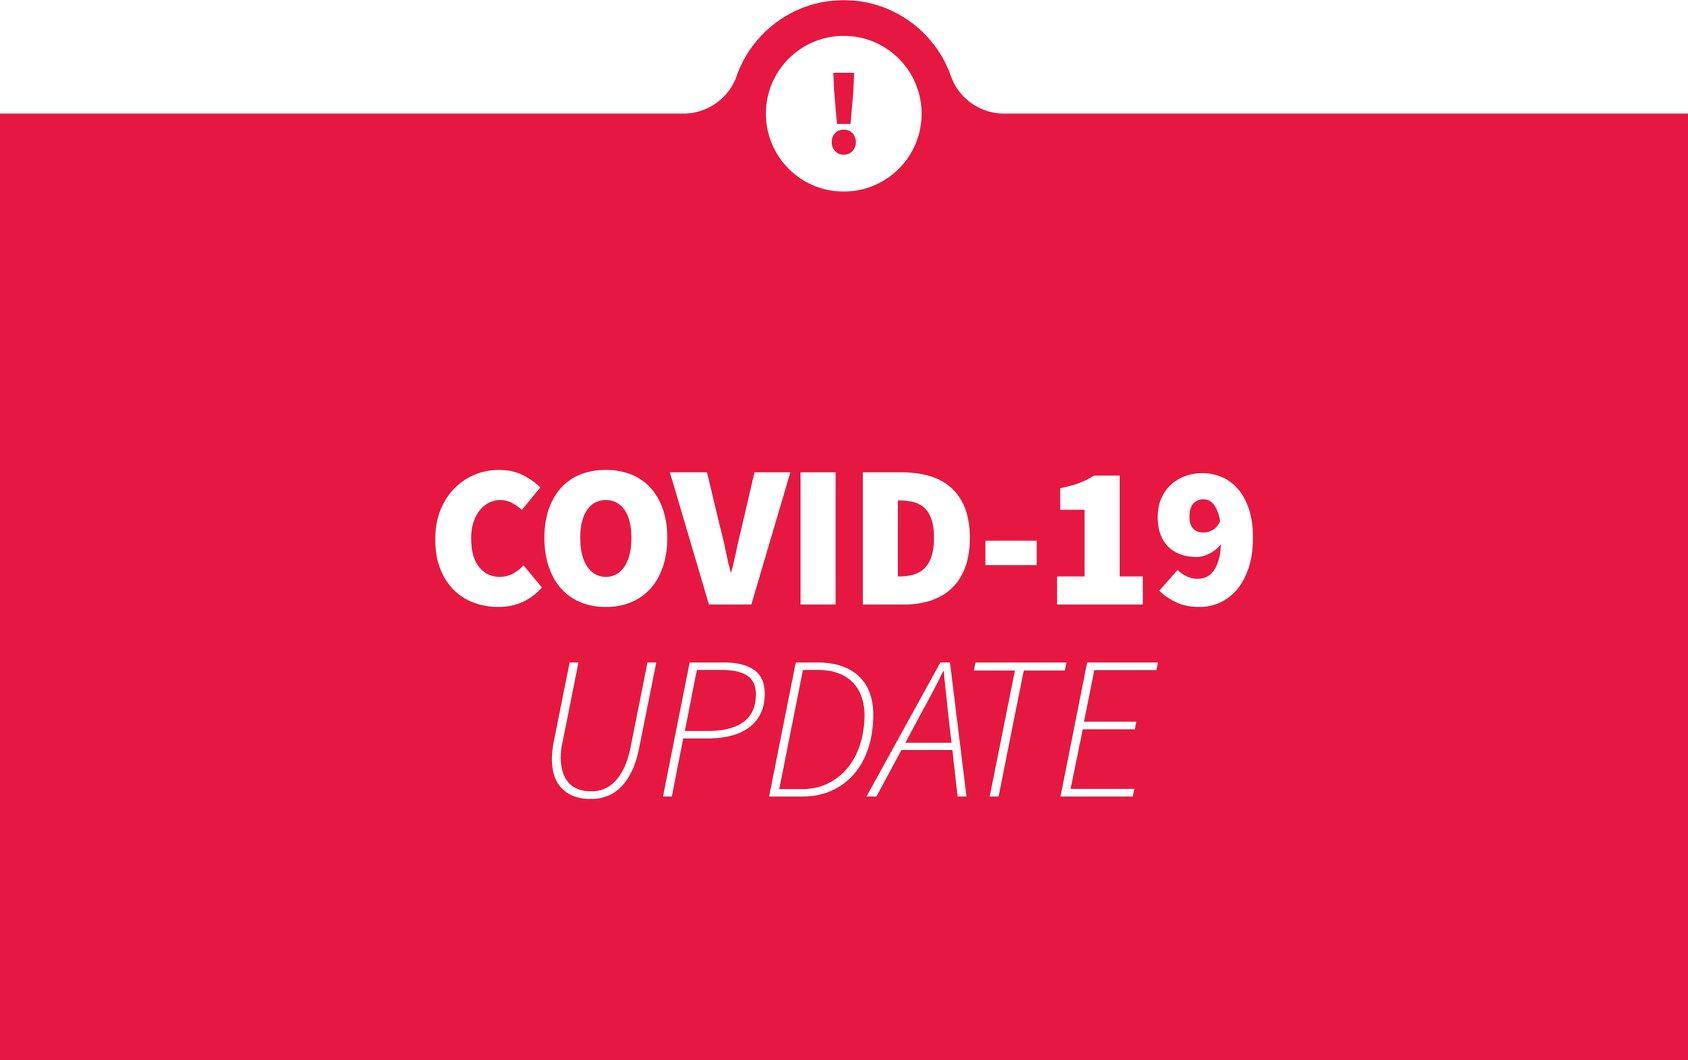 Opatrenia spojené s vírusom COVID-19